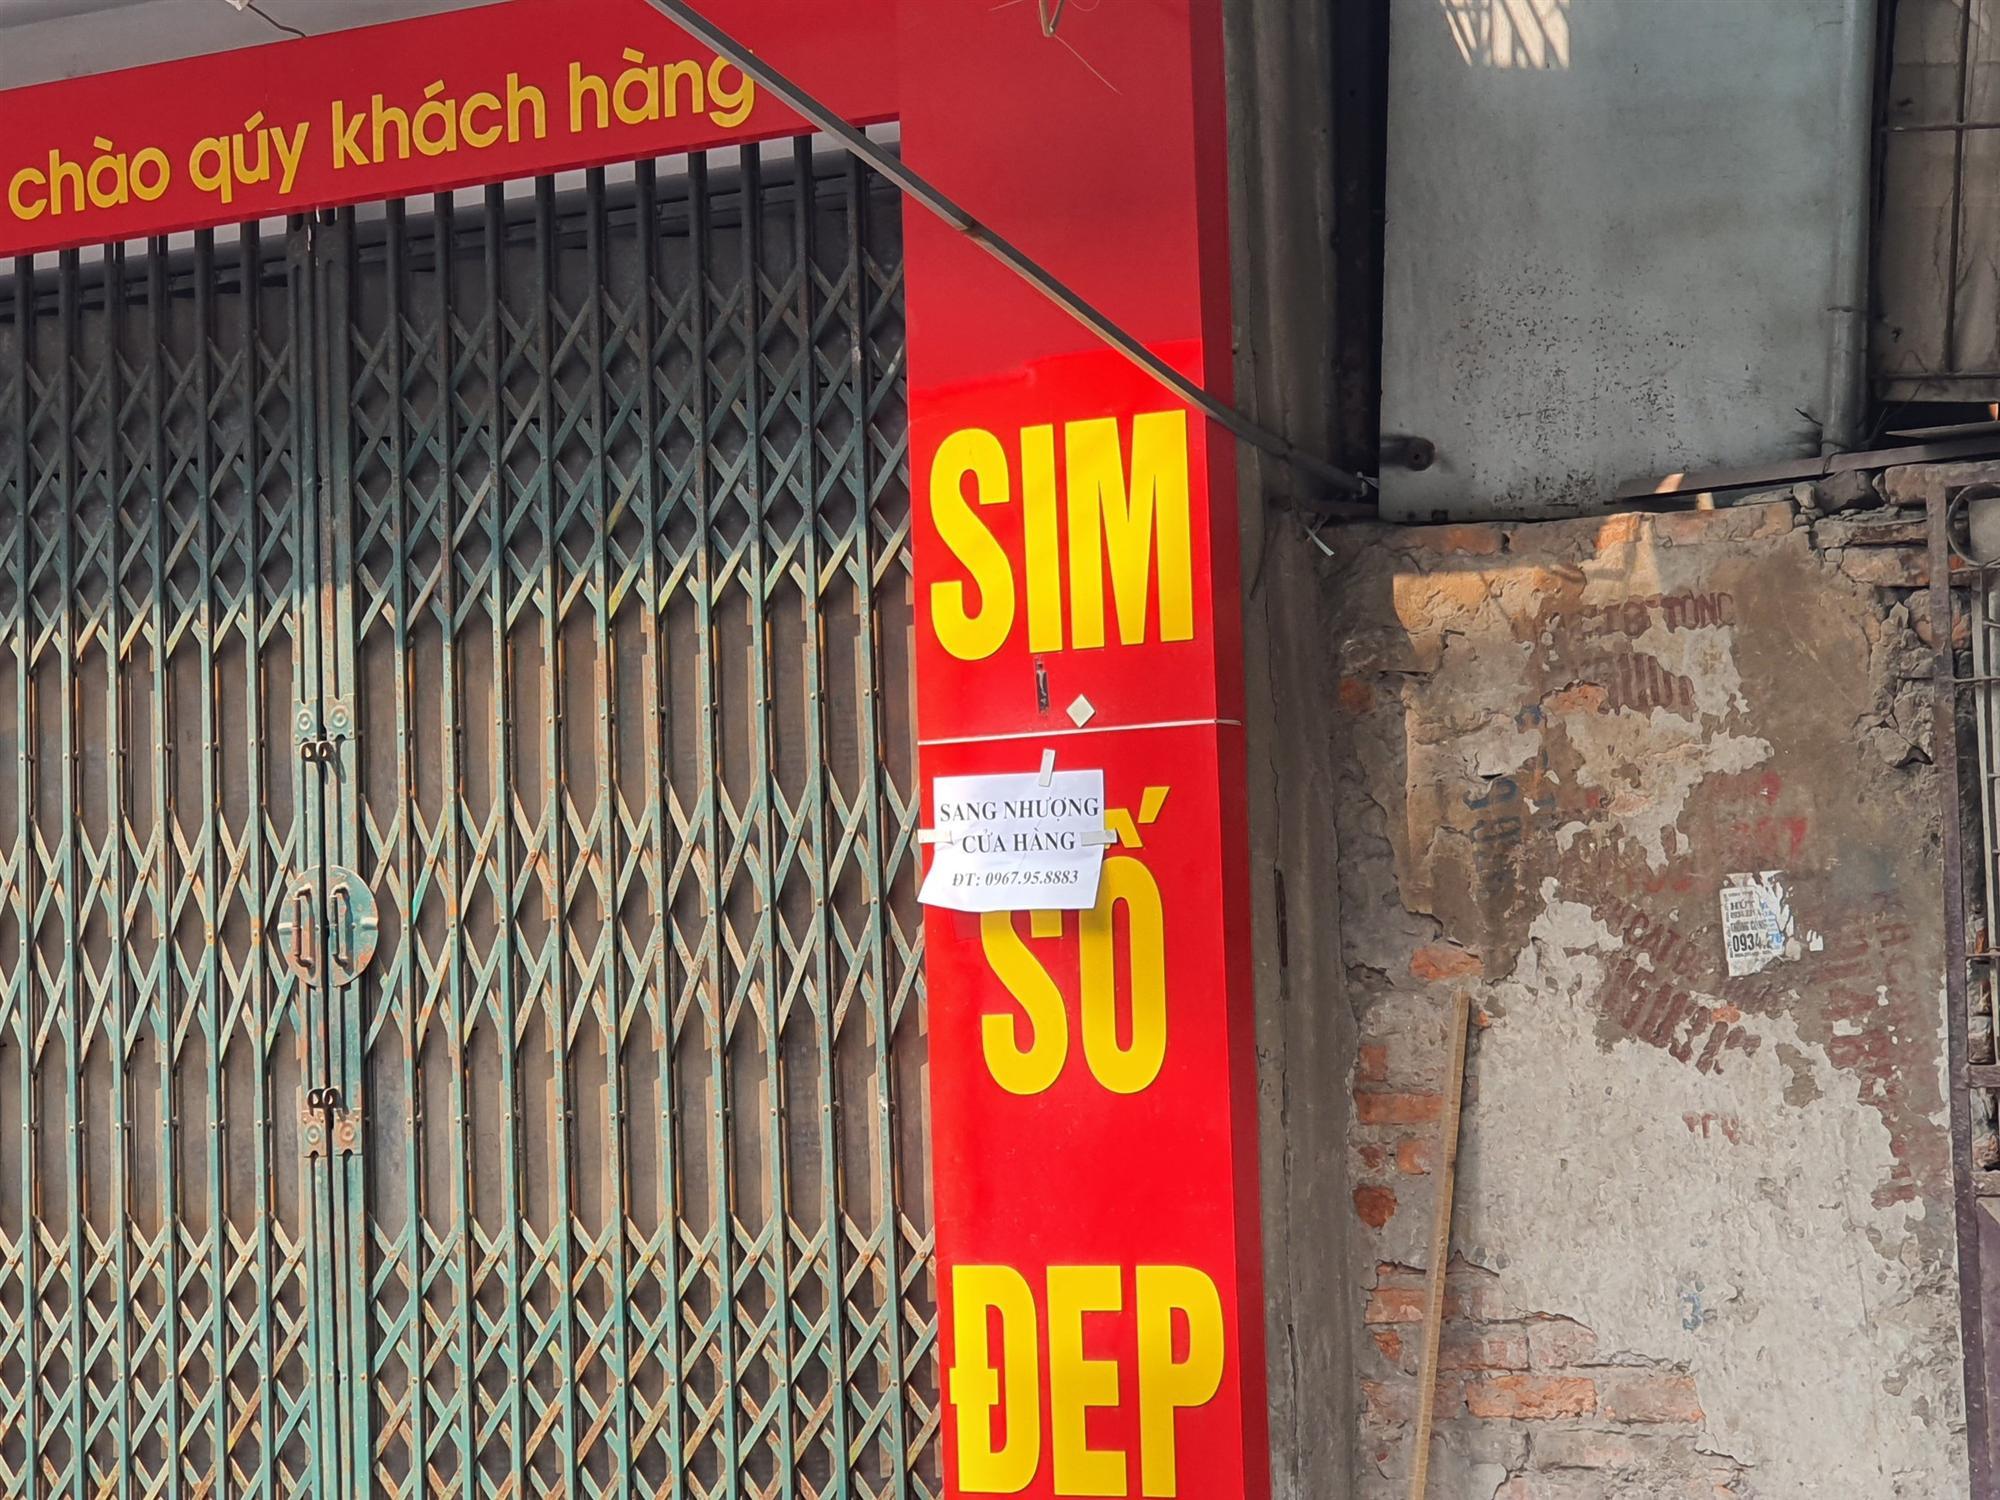 Hàng quán đóng cửa sang nhượng, dân quanh khu Rạng Đông thi nhau bán nhà-8